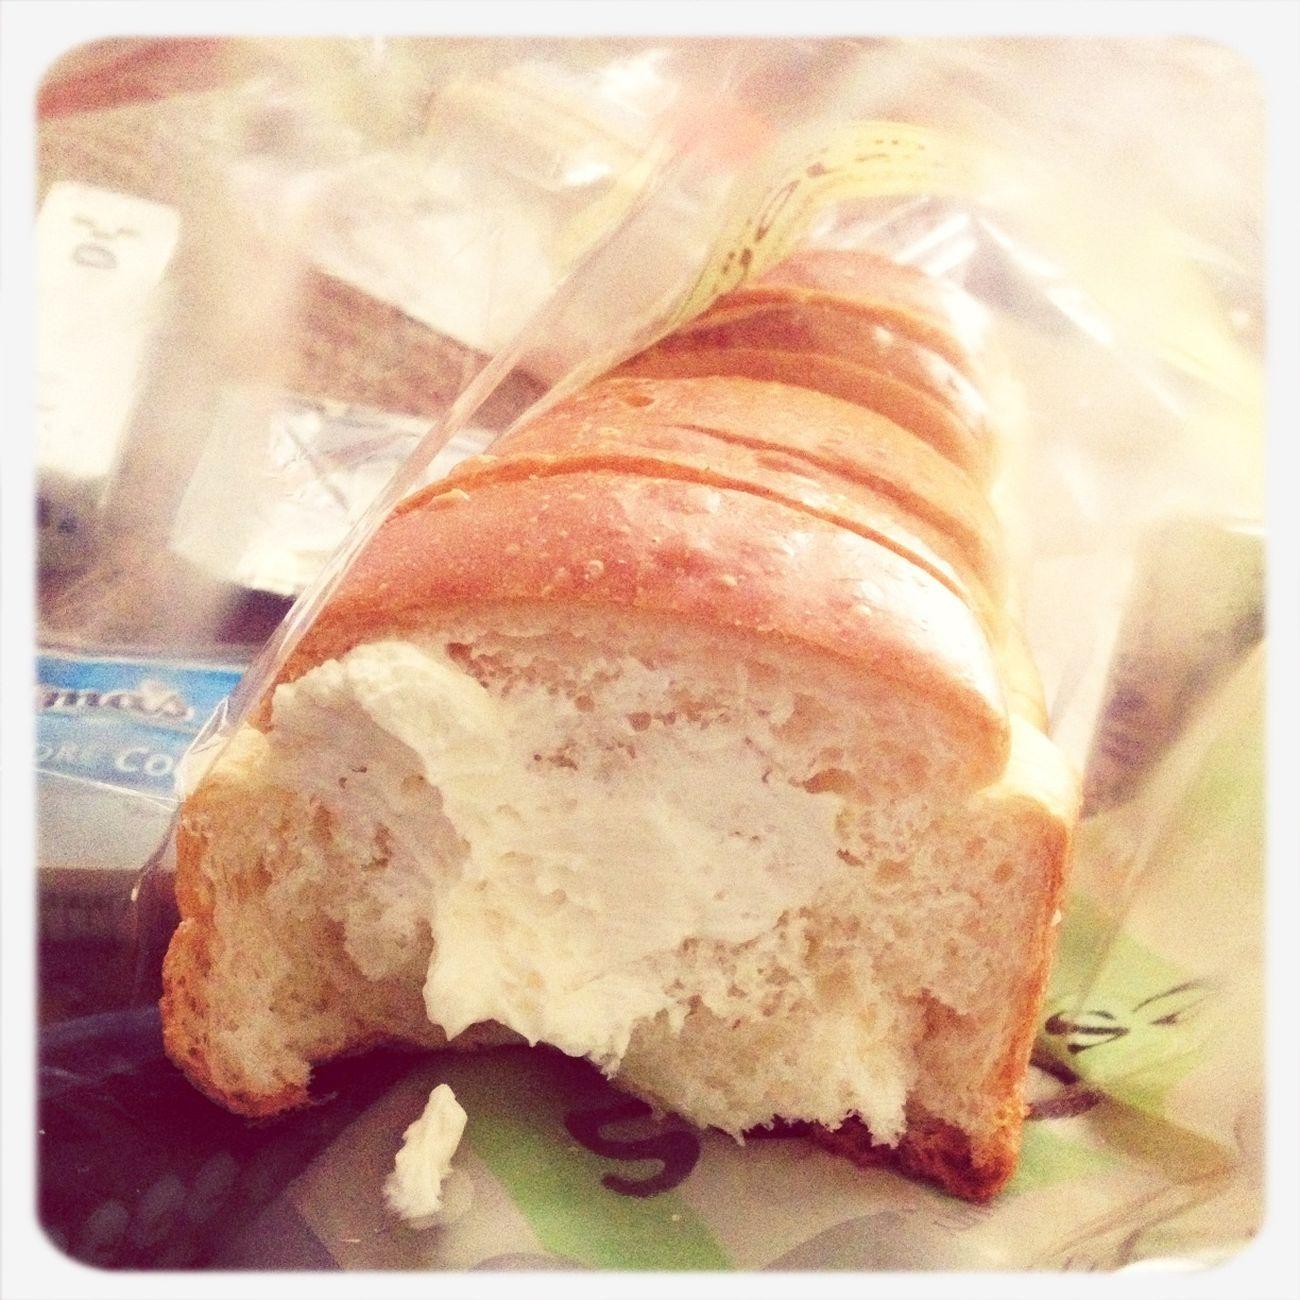 Cravings...